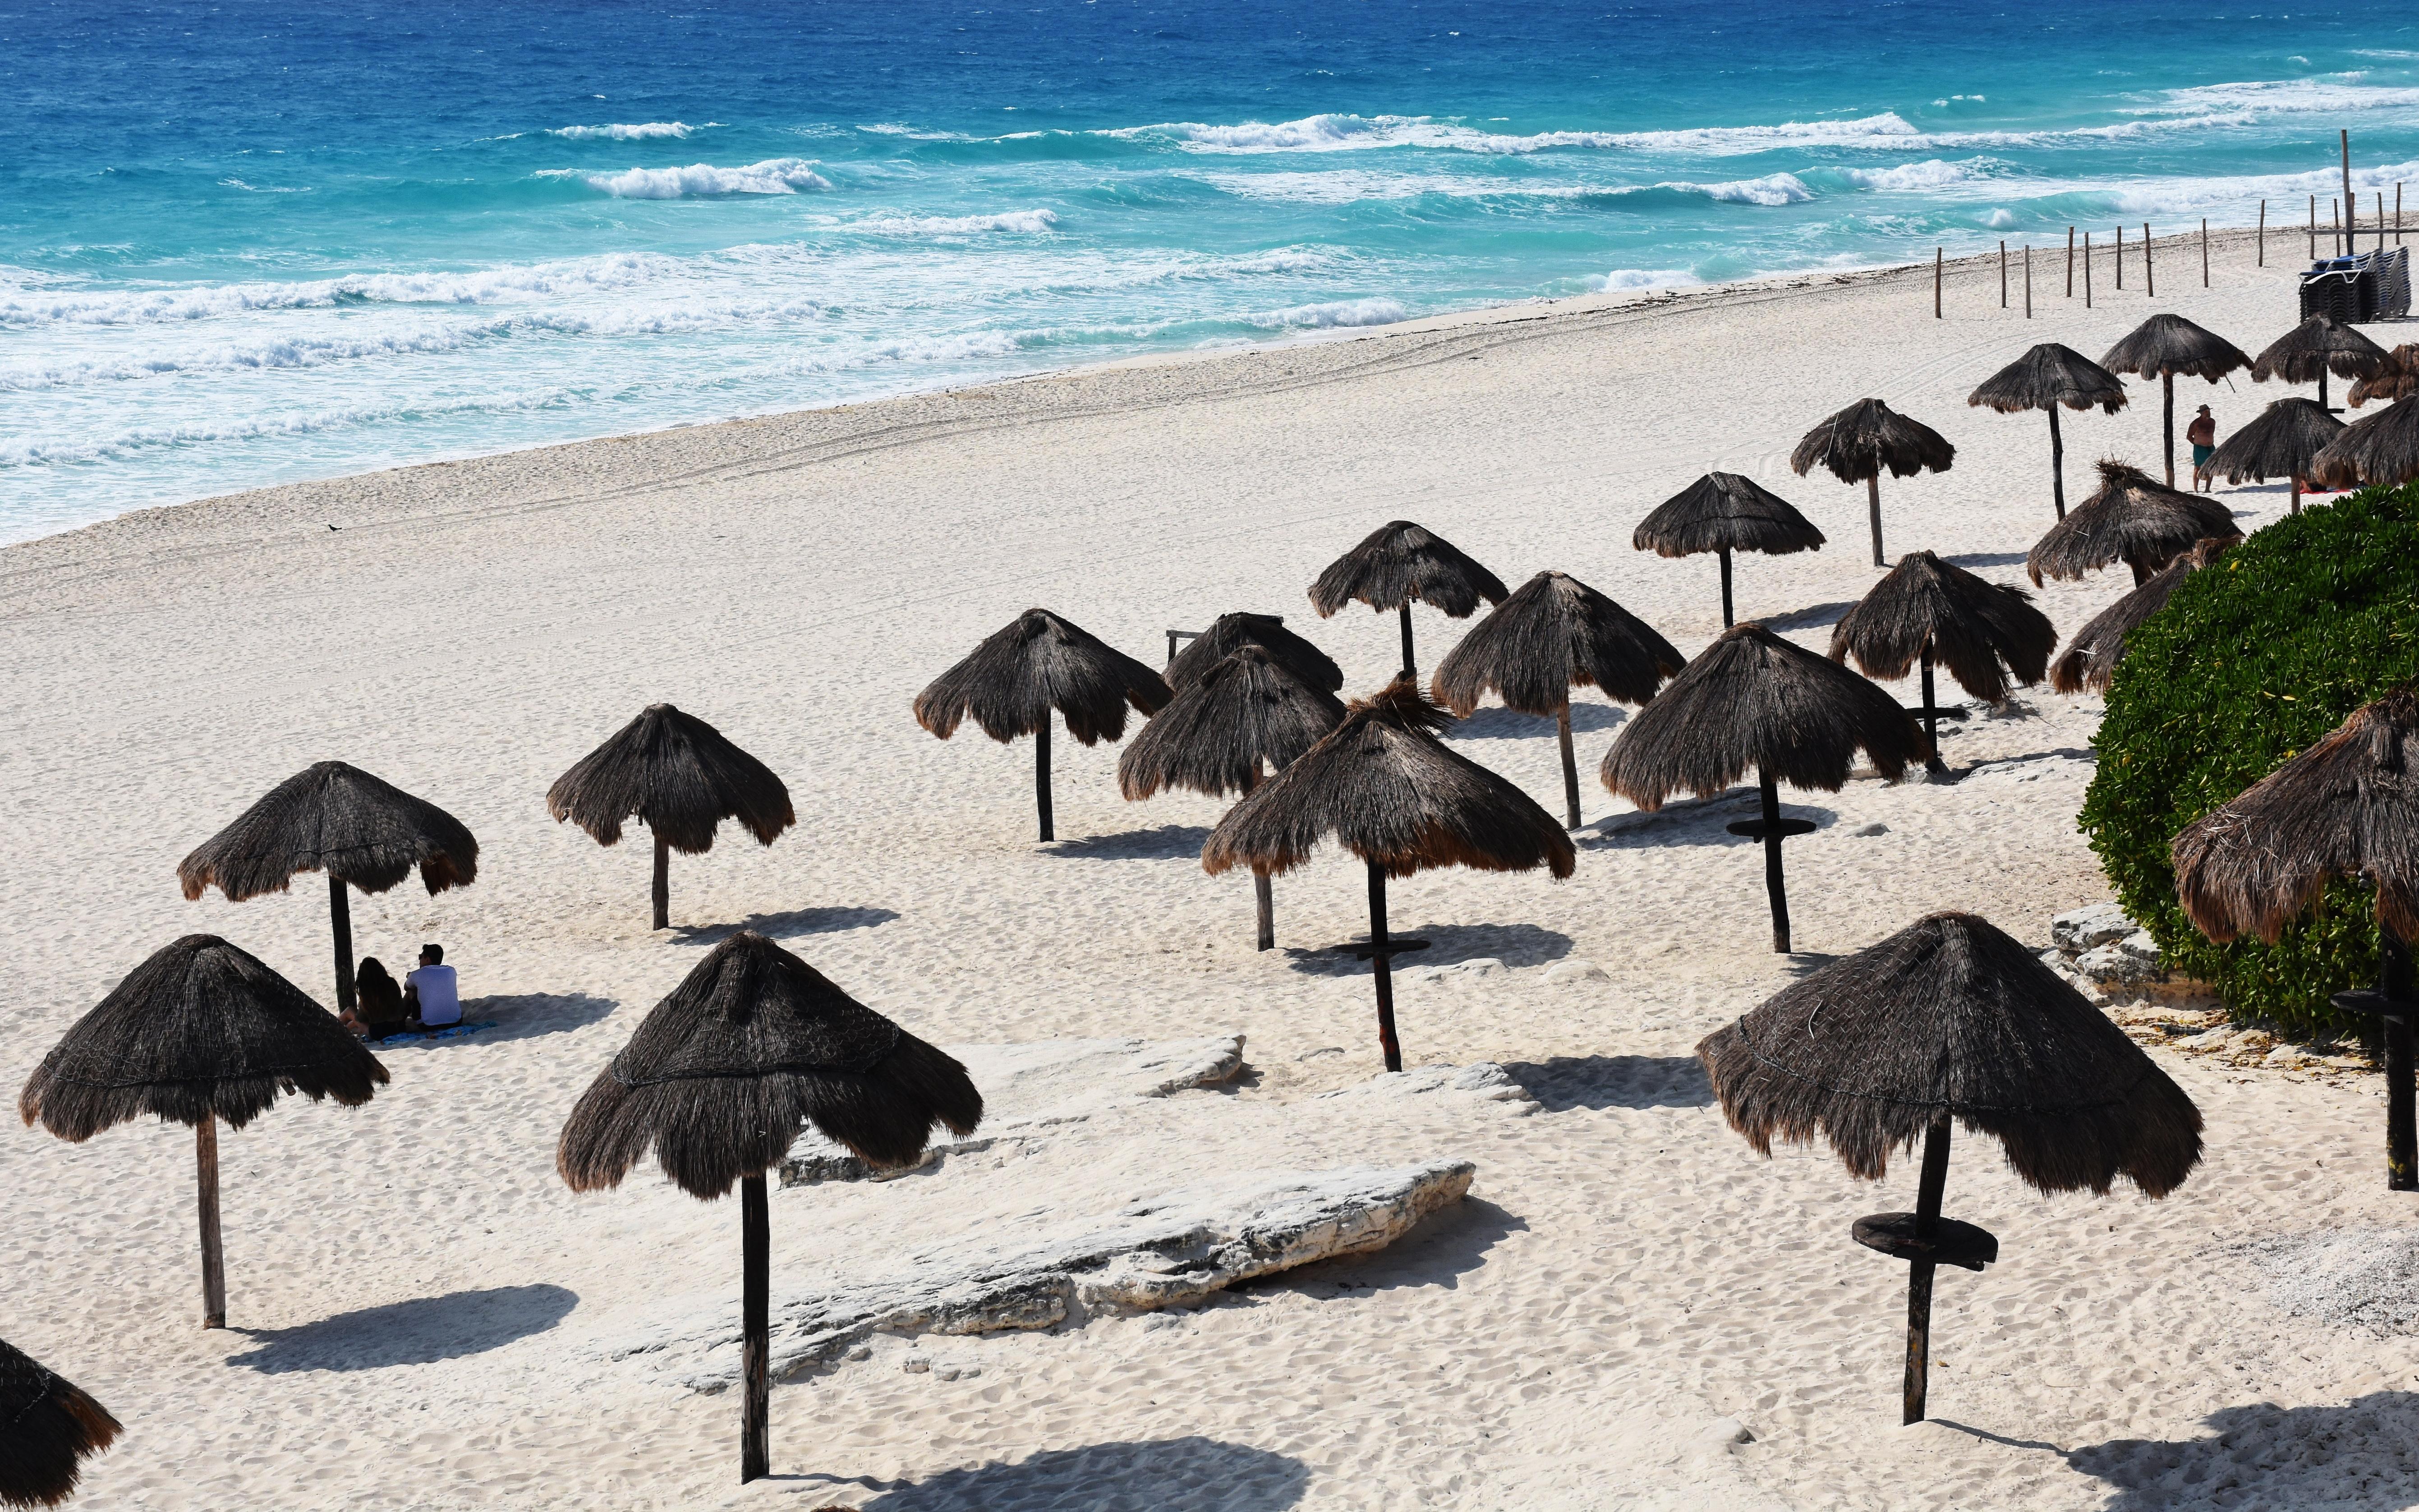 Una pareja solitaria de turistas disfruta de la playa en Cancún, estado de Quintana Roo, México, el 28 de marzo de 2020.